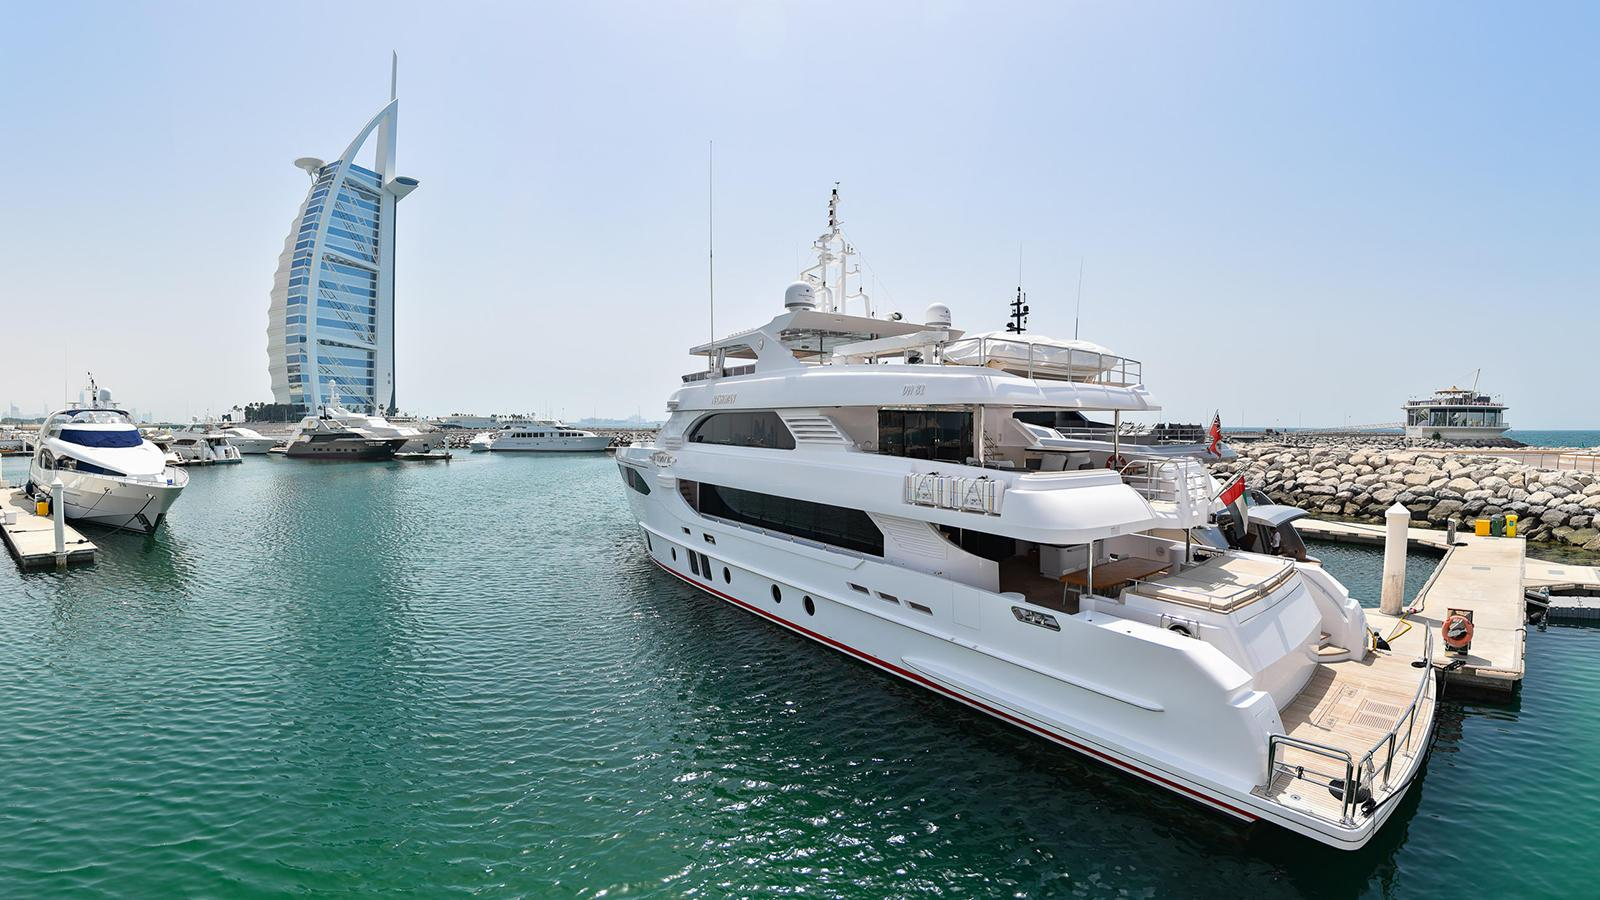 nashwan-motor-yacht-gulfcraft-majesty-135-2016-41m-moored-dubai